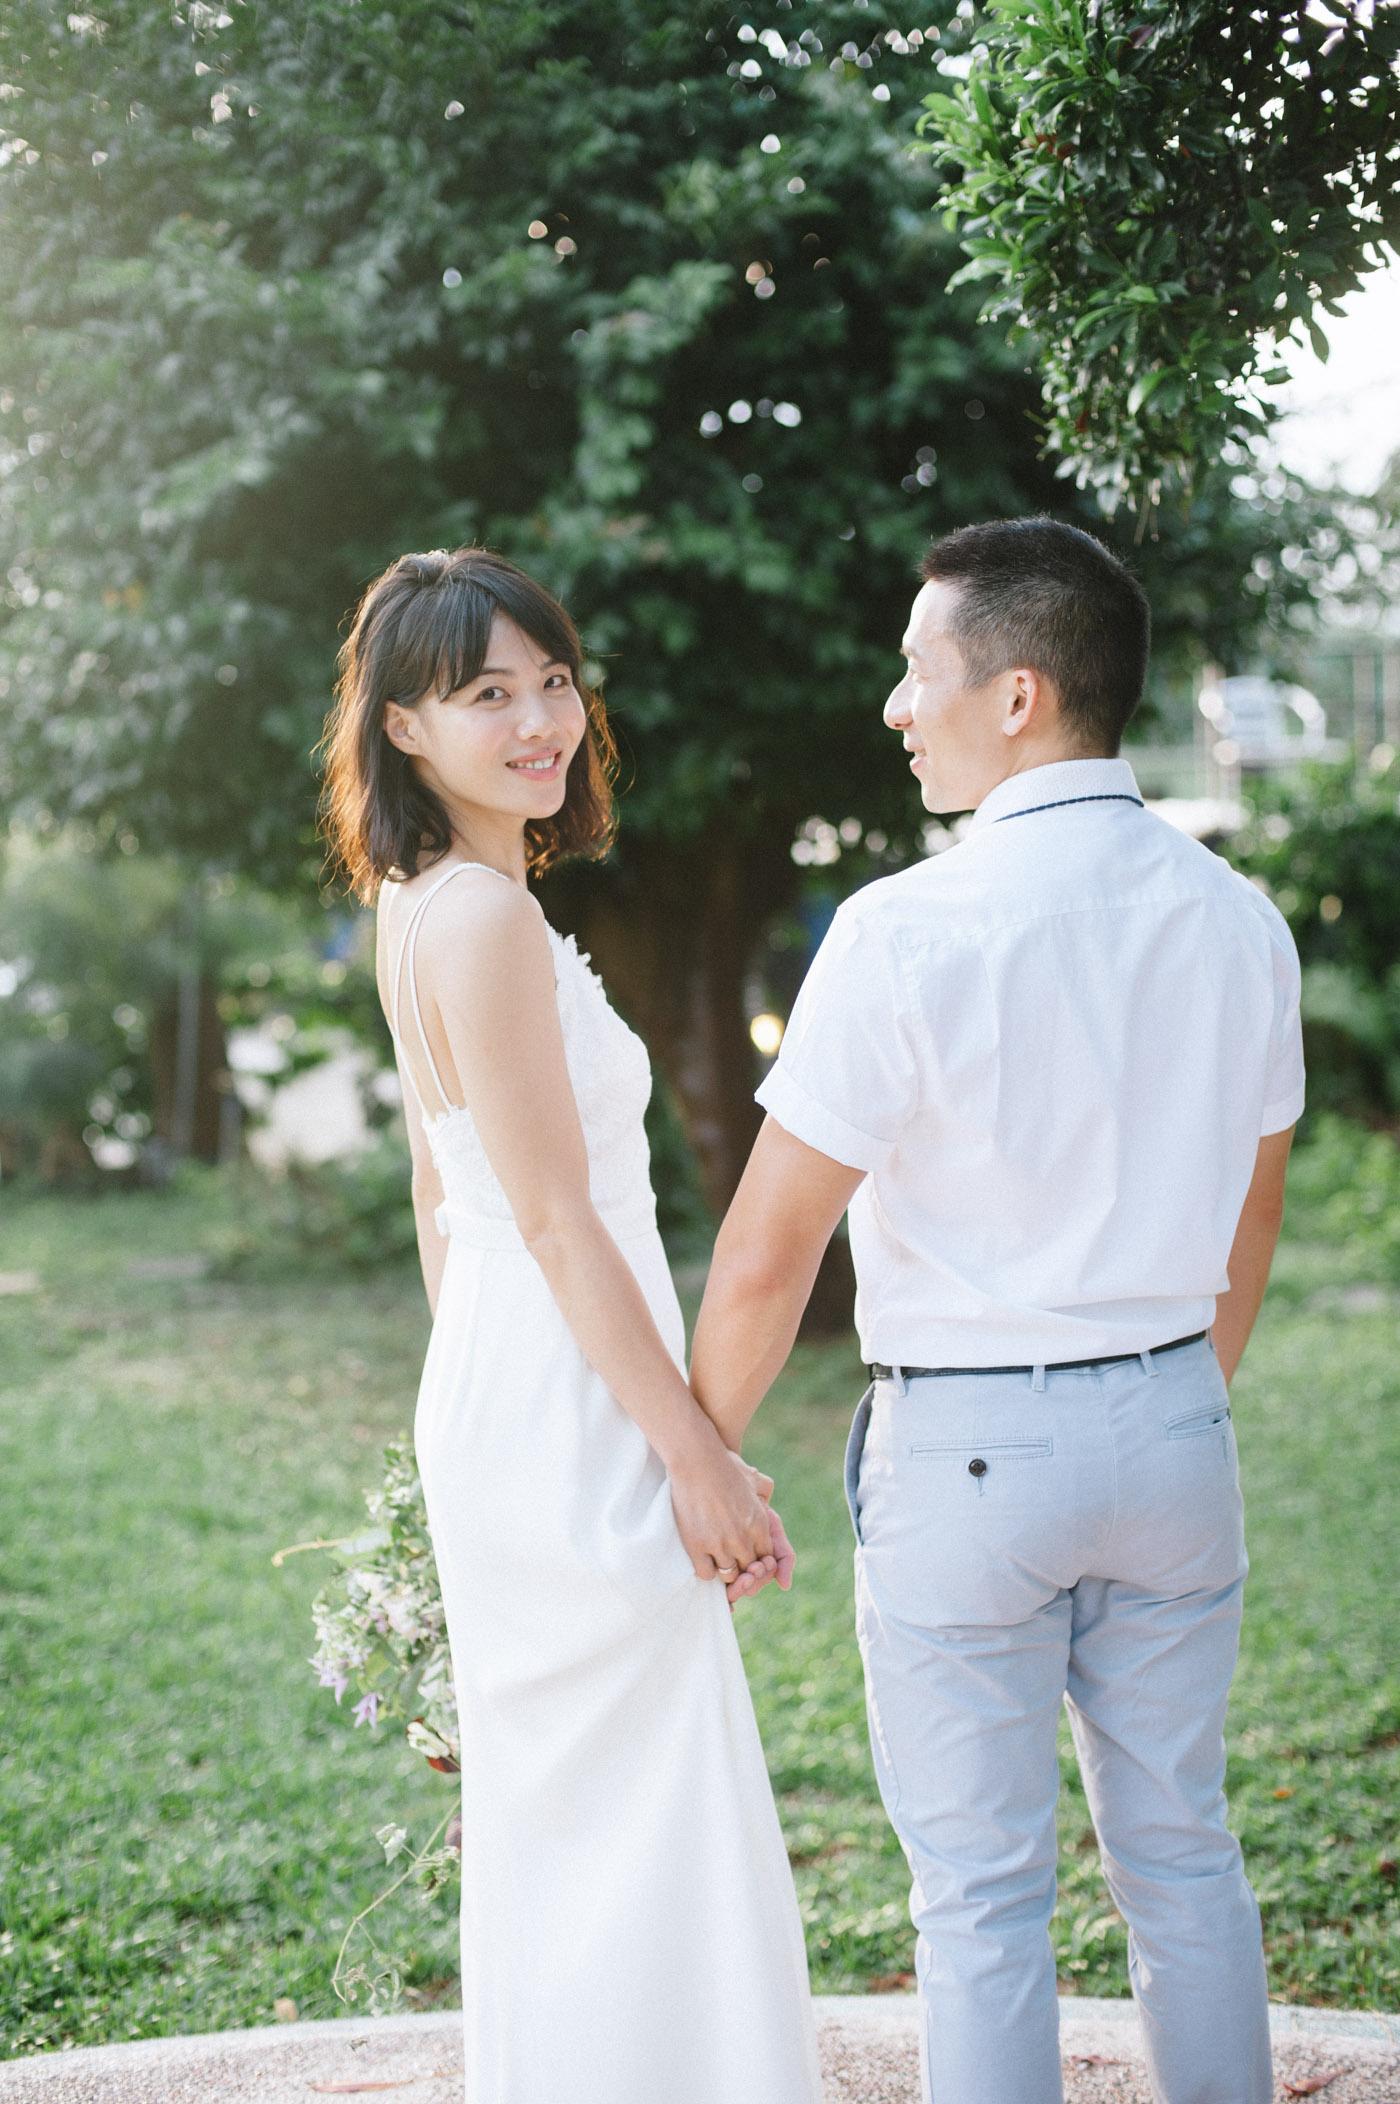 週年婚紗-唯諾禮服-家庭照